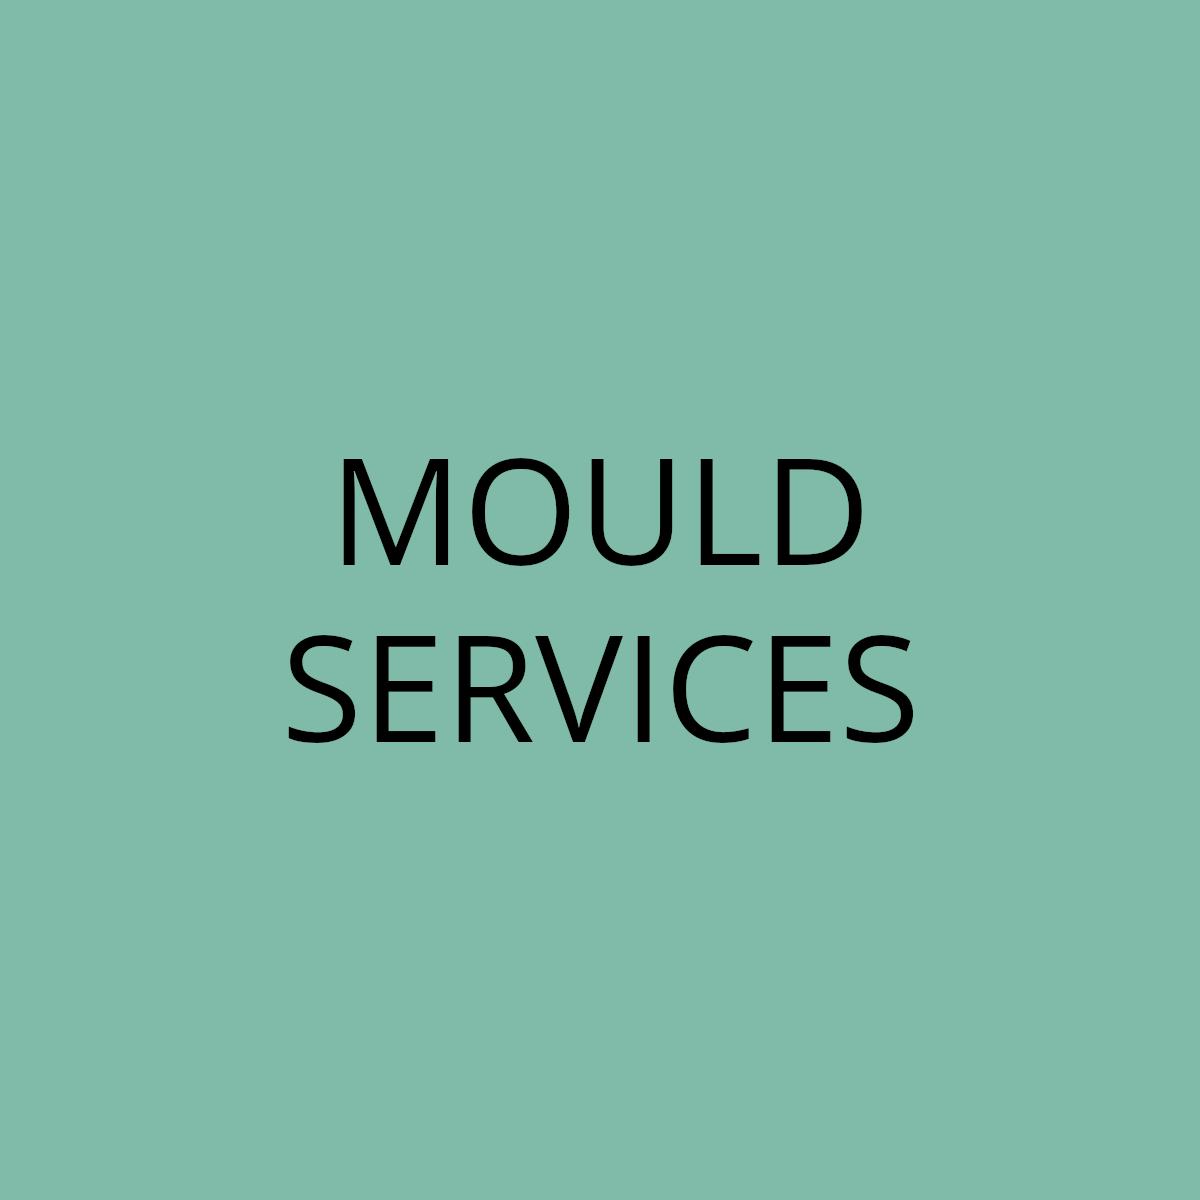 Mould Services